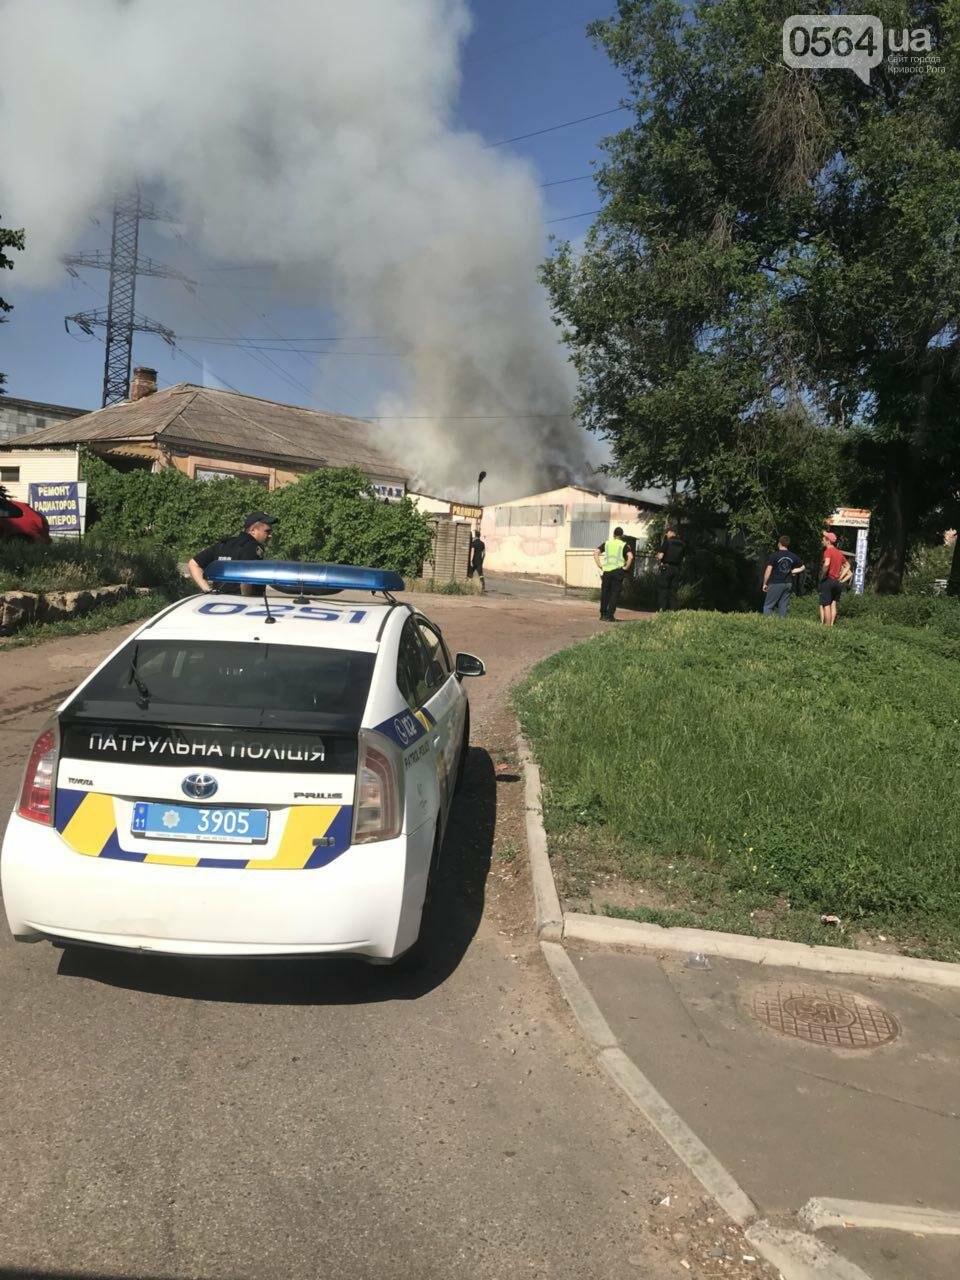 В Кривом Роге на СТО произошел пожар, сгорела как минимум одна машина, - ФОТО , фото-2